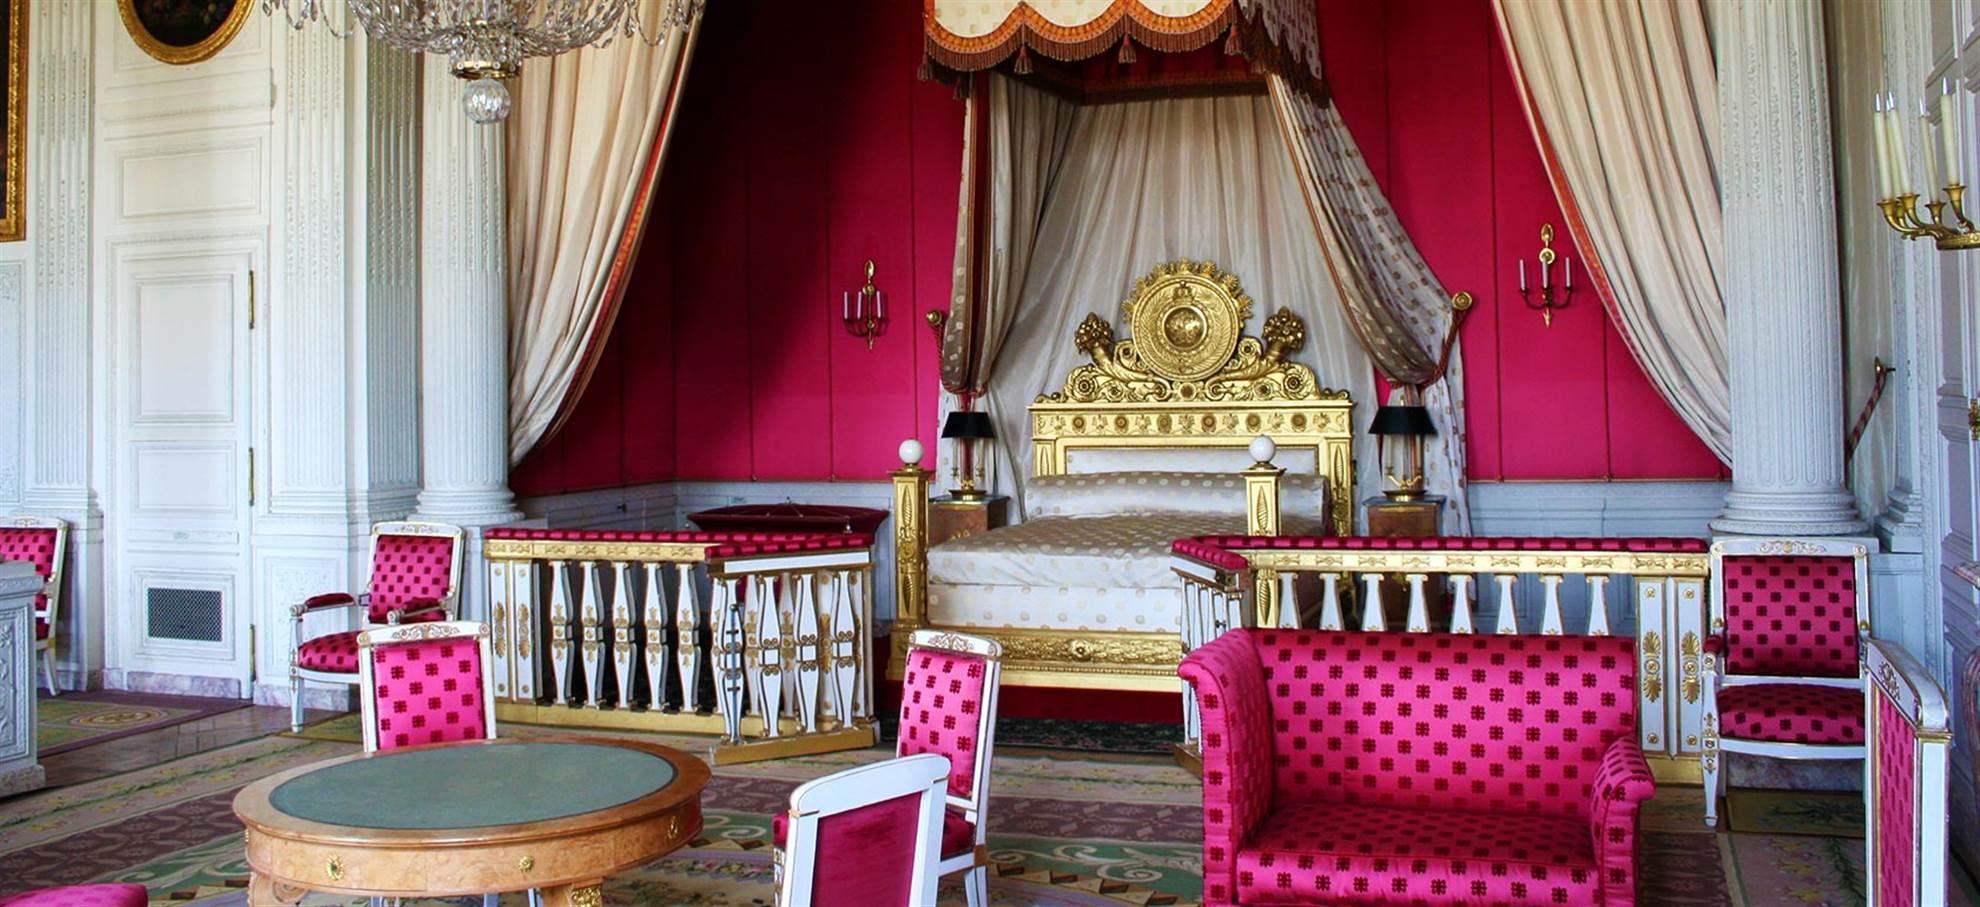 Bilhete para o Palácio de Versalhes com visita guiada pela Academia Equestre de Versalhes